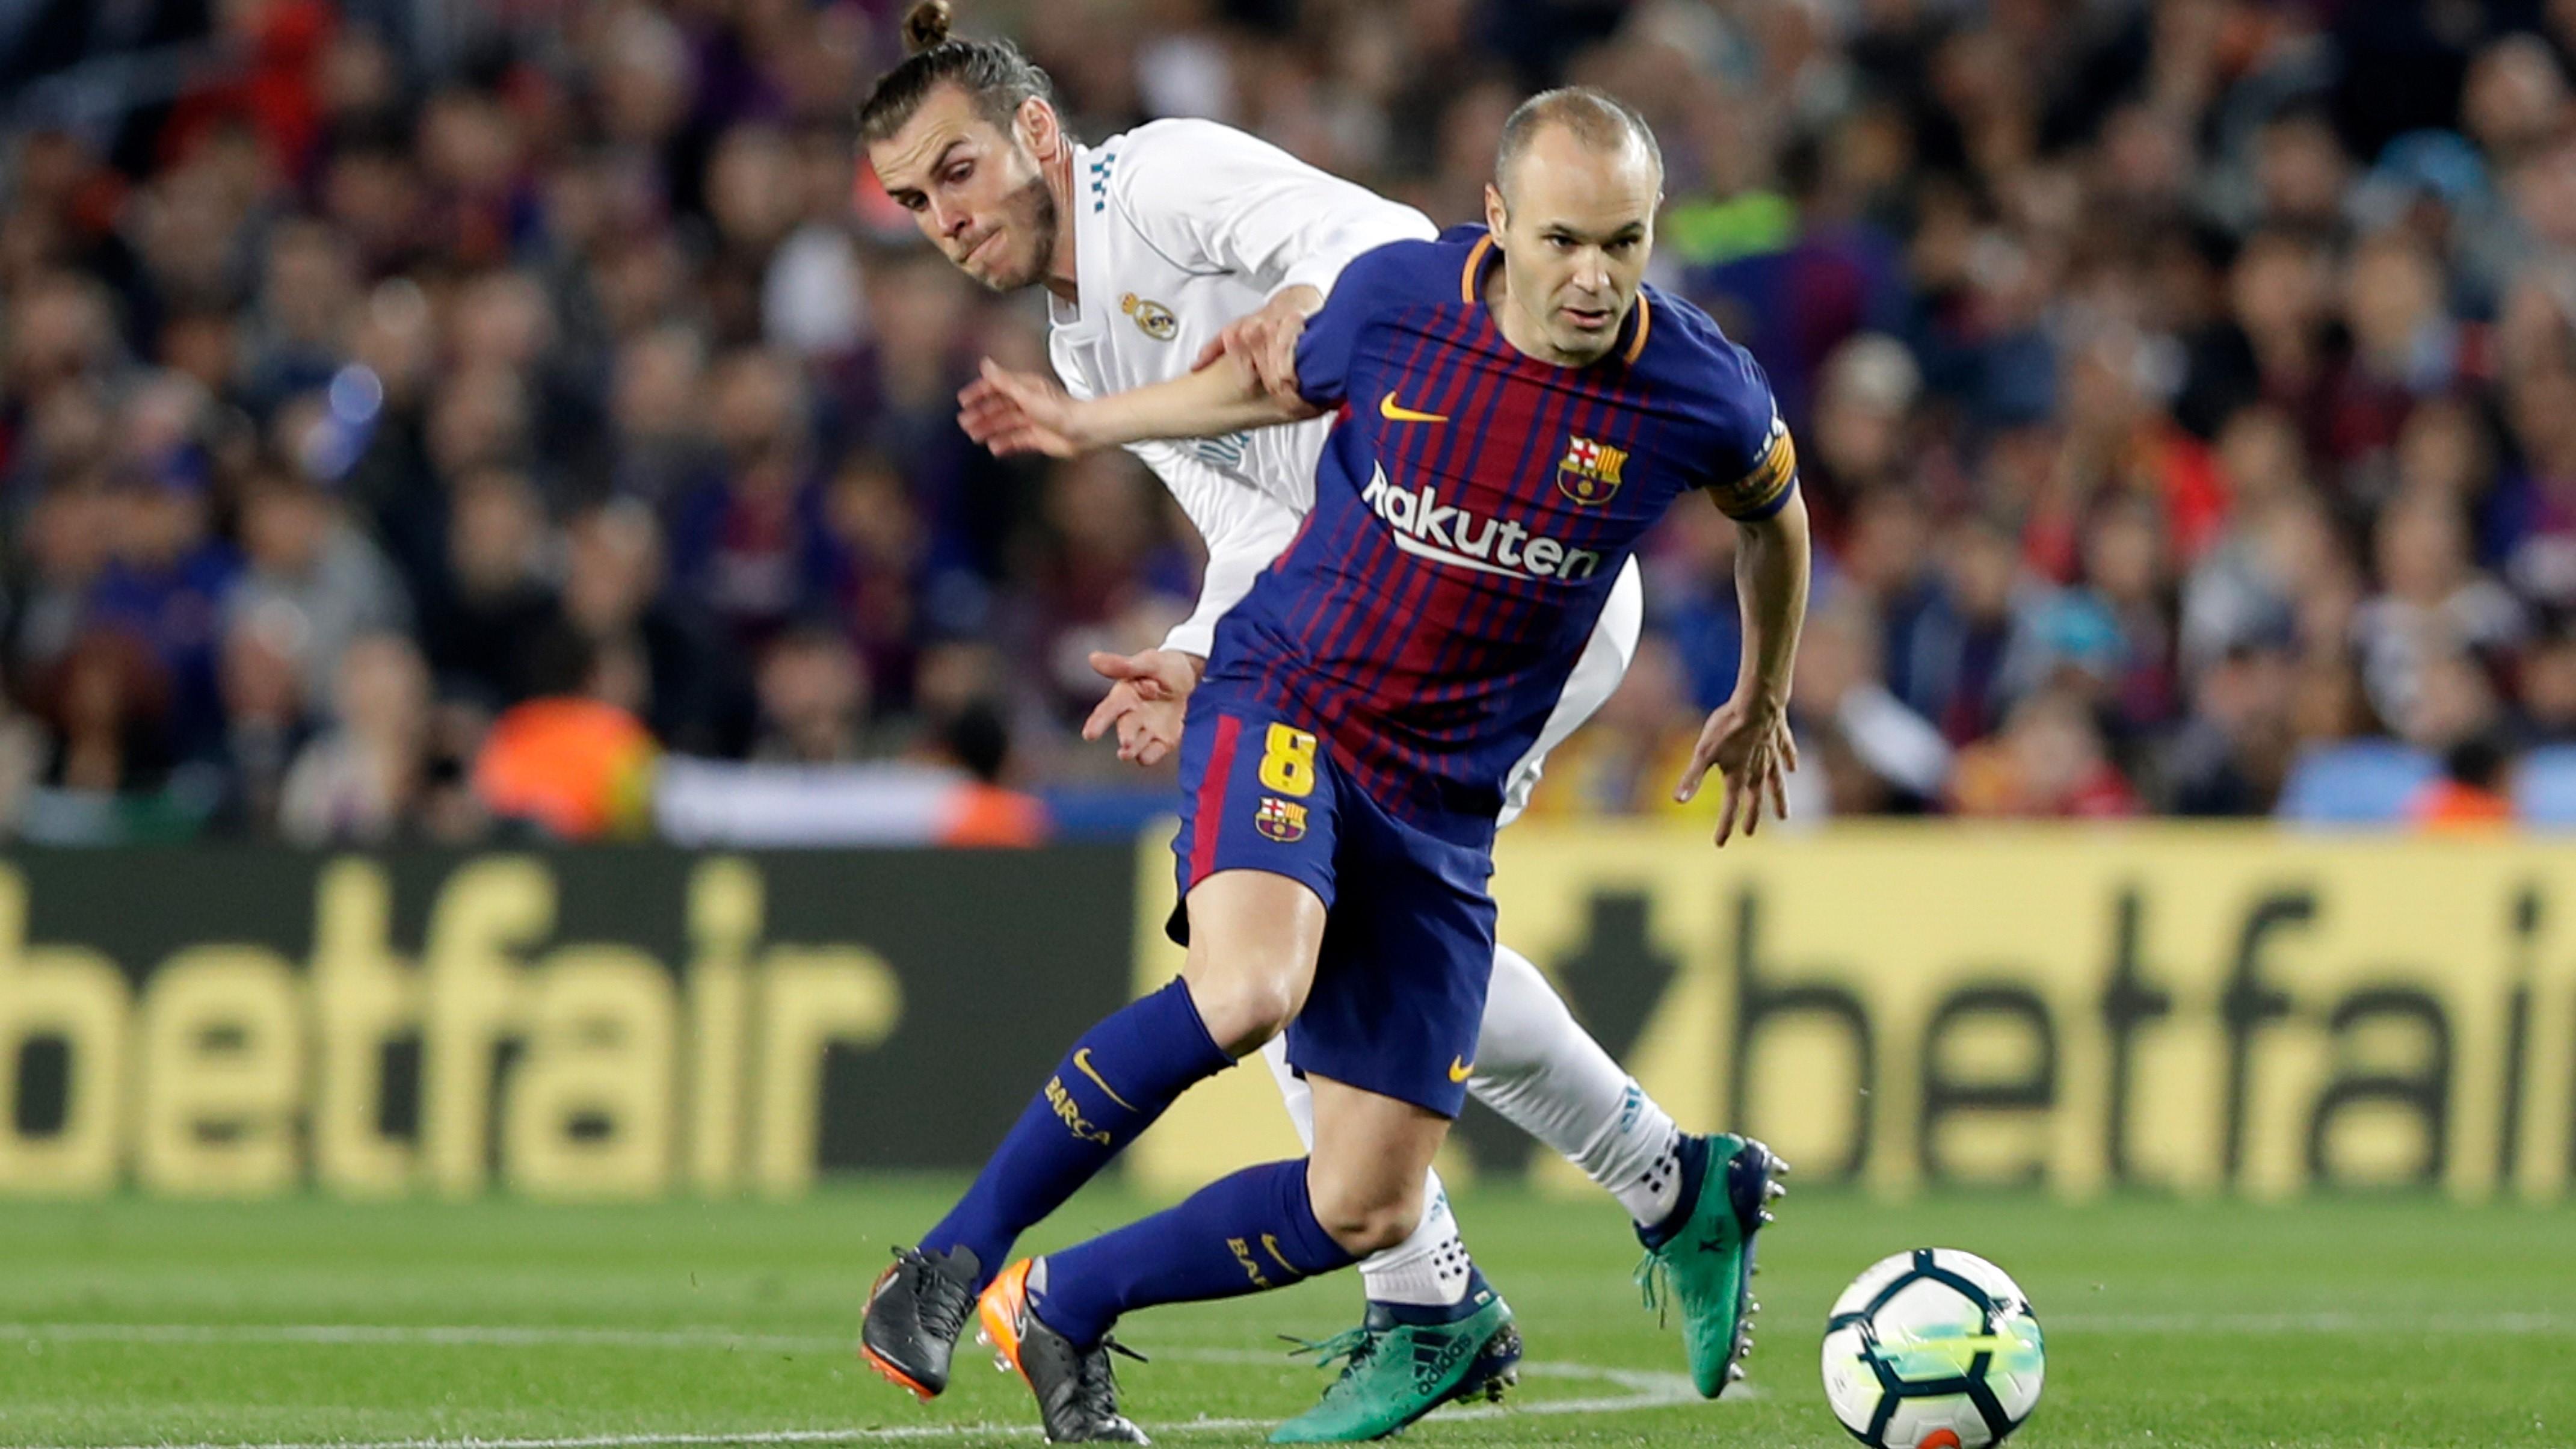 Petinggi Real Madrid dan Barca Ikut Bertengkar